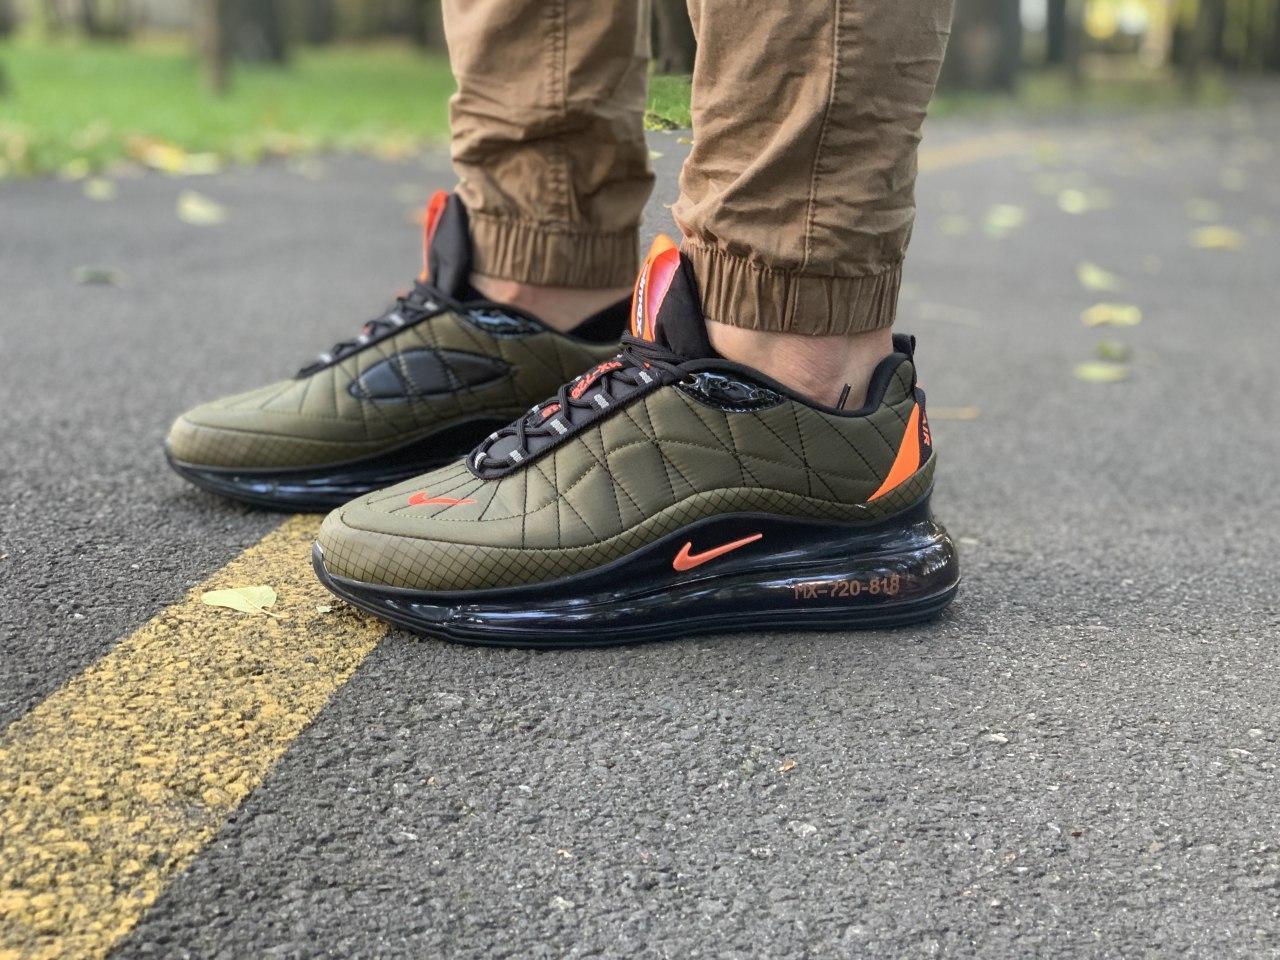 Кроссовки мужские в стиле  Nike Air Max 720-81 dr-00287